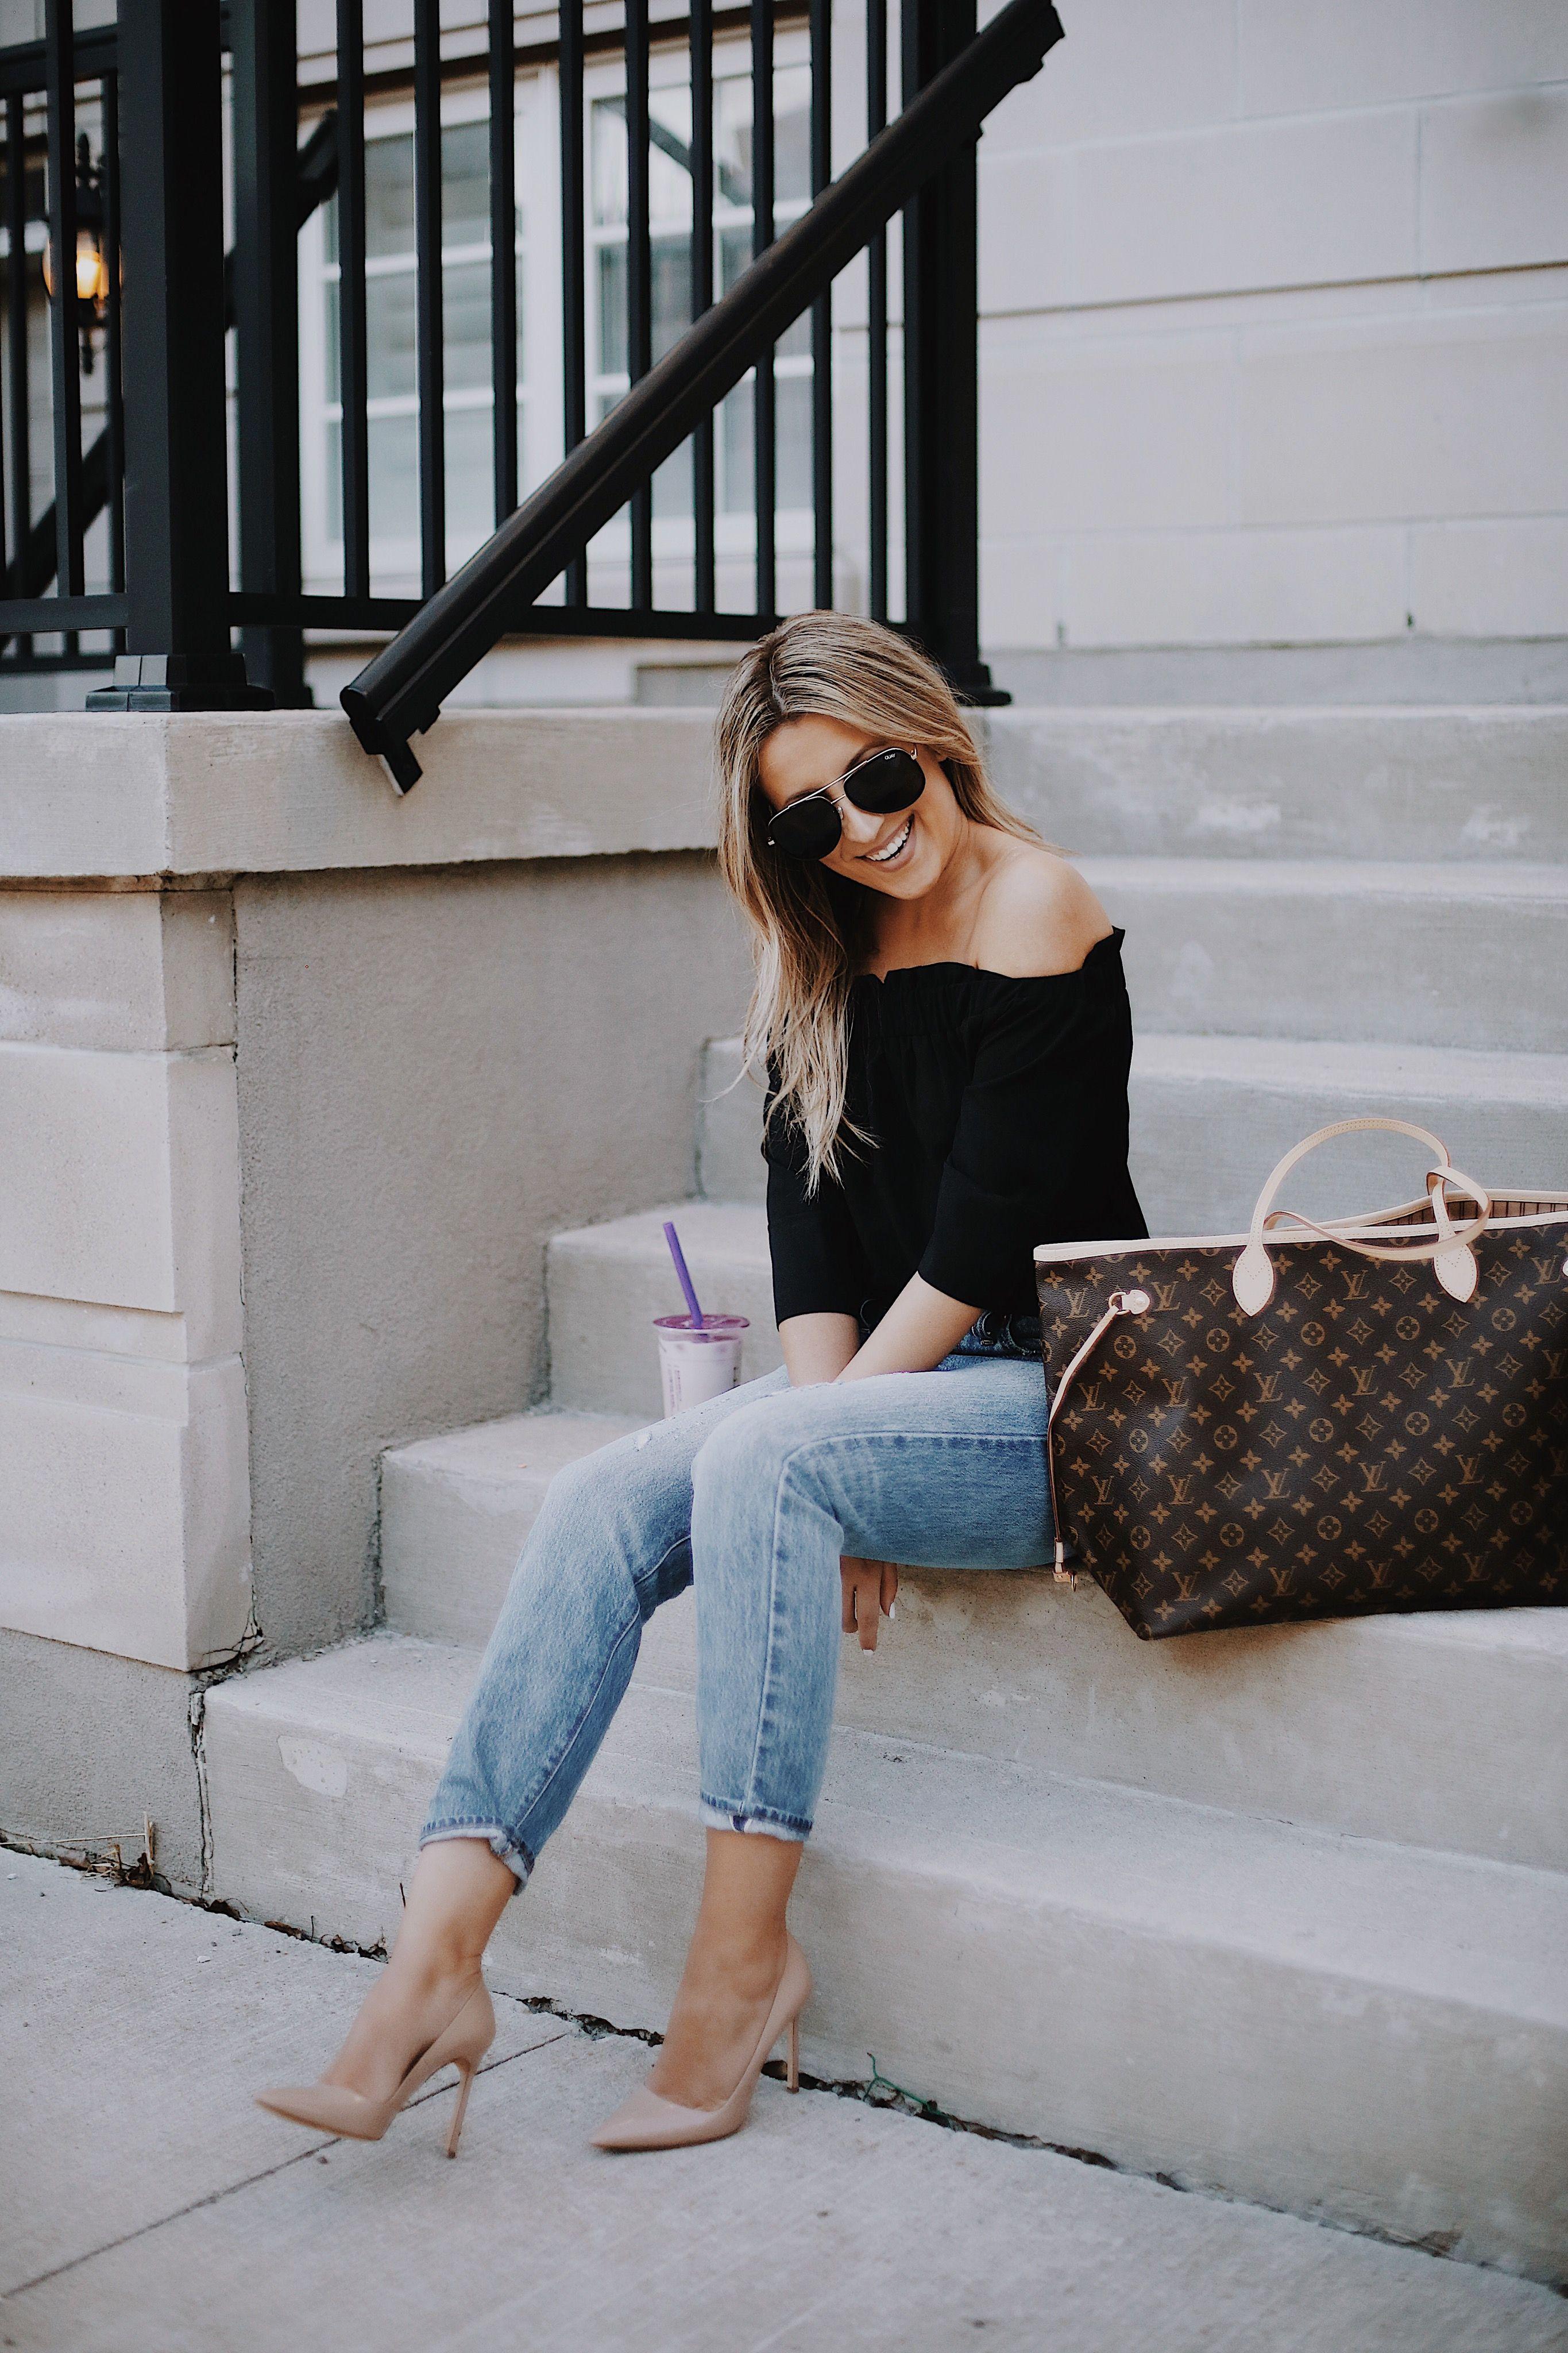 Rachel Roy Top, Levi's Jeans, Manolo Blahnik Pumps, Louis Vuitton Neverfull